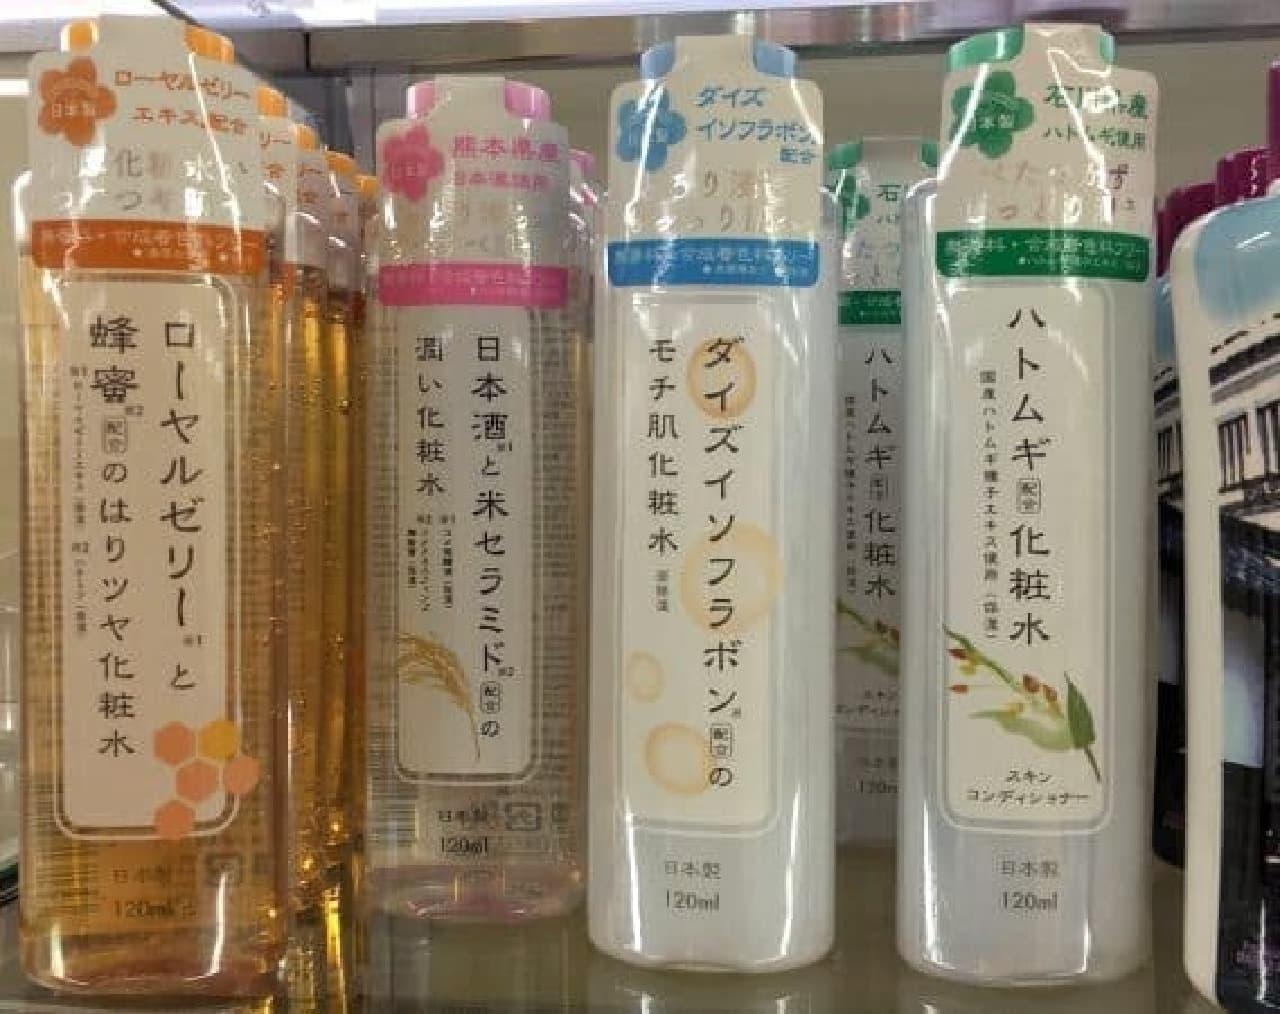 ダイソー「日本酒と米セラミドの潤い化粧水」